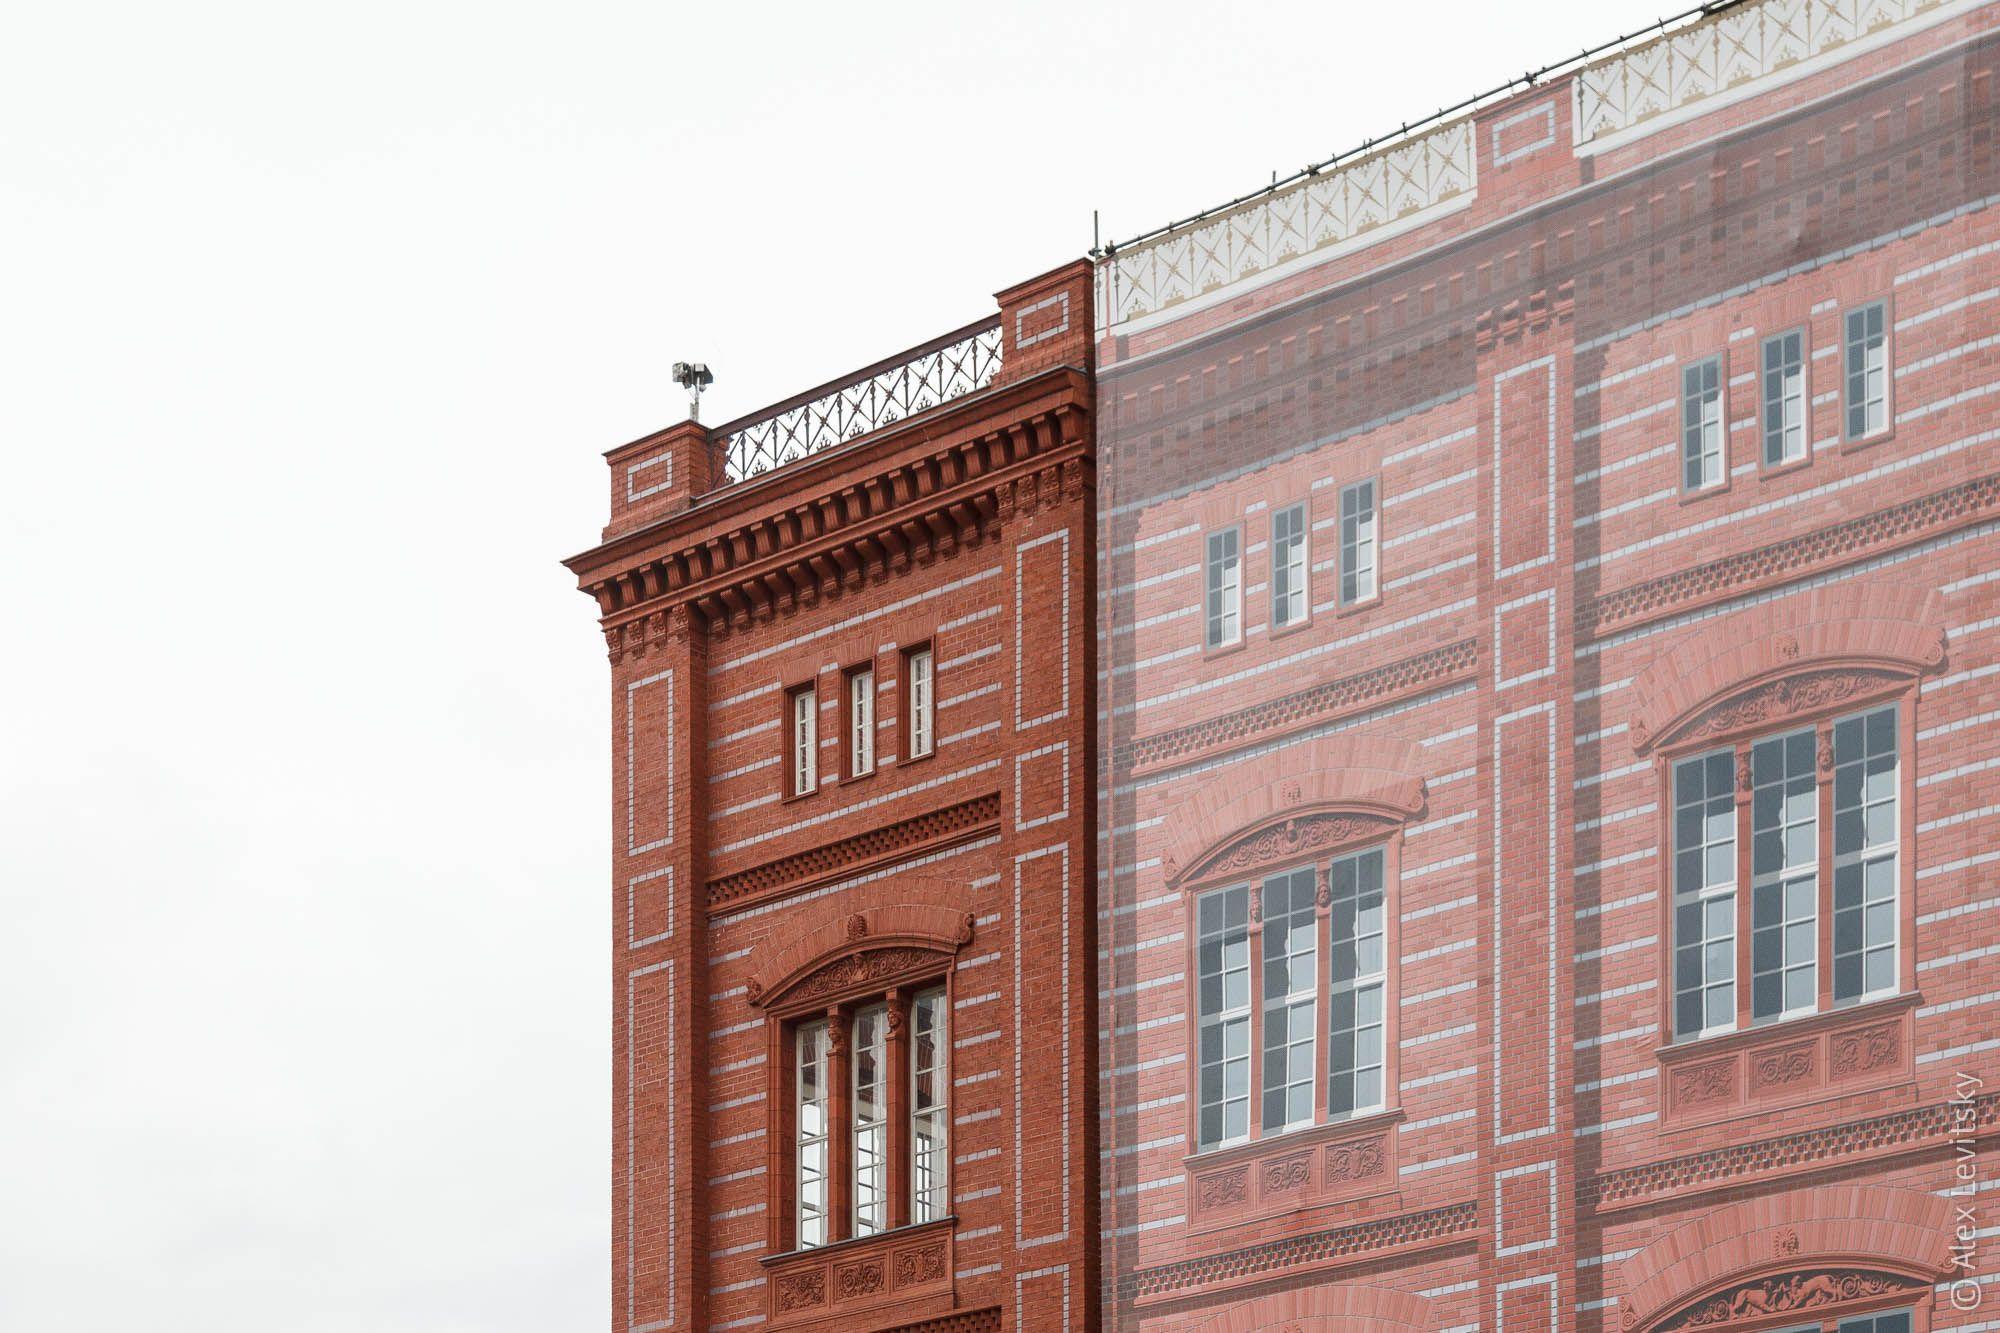 Отношении немцев к культурному наследию и памятникам архитектуры в Берлине. Германия